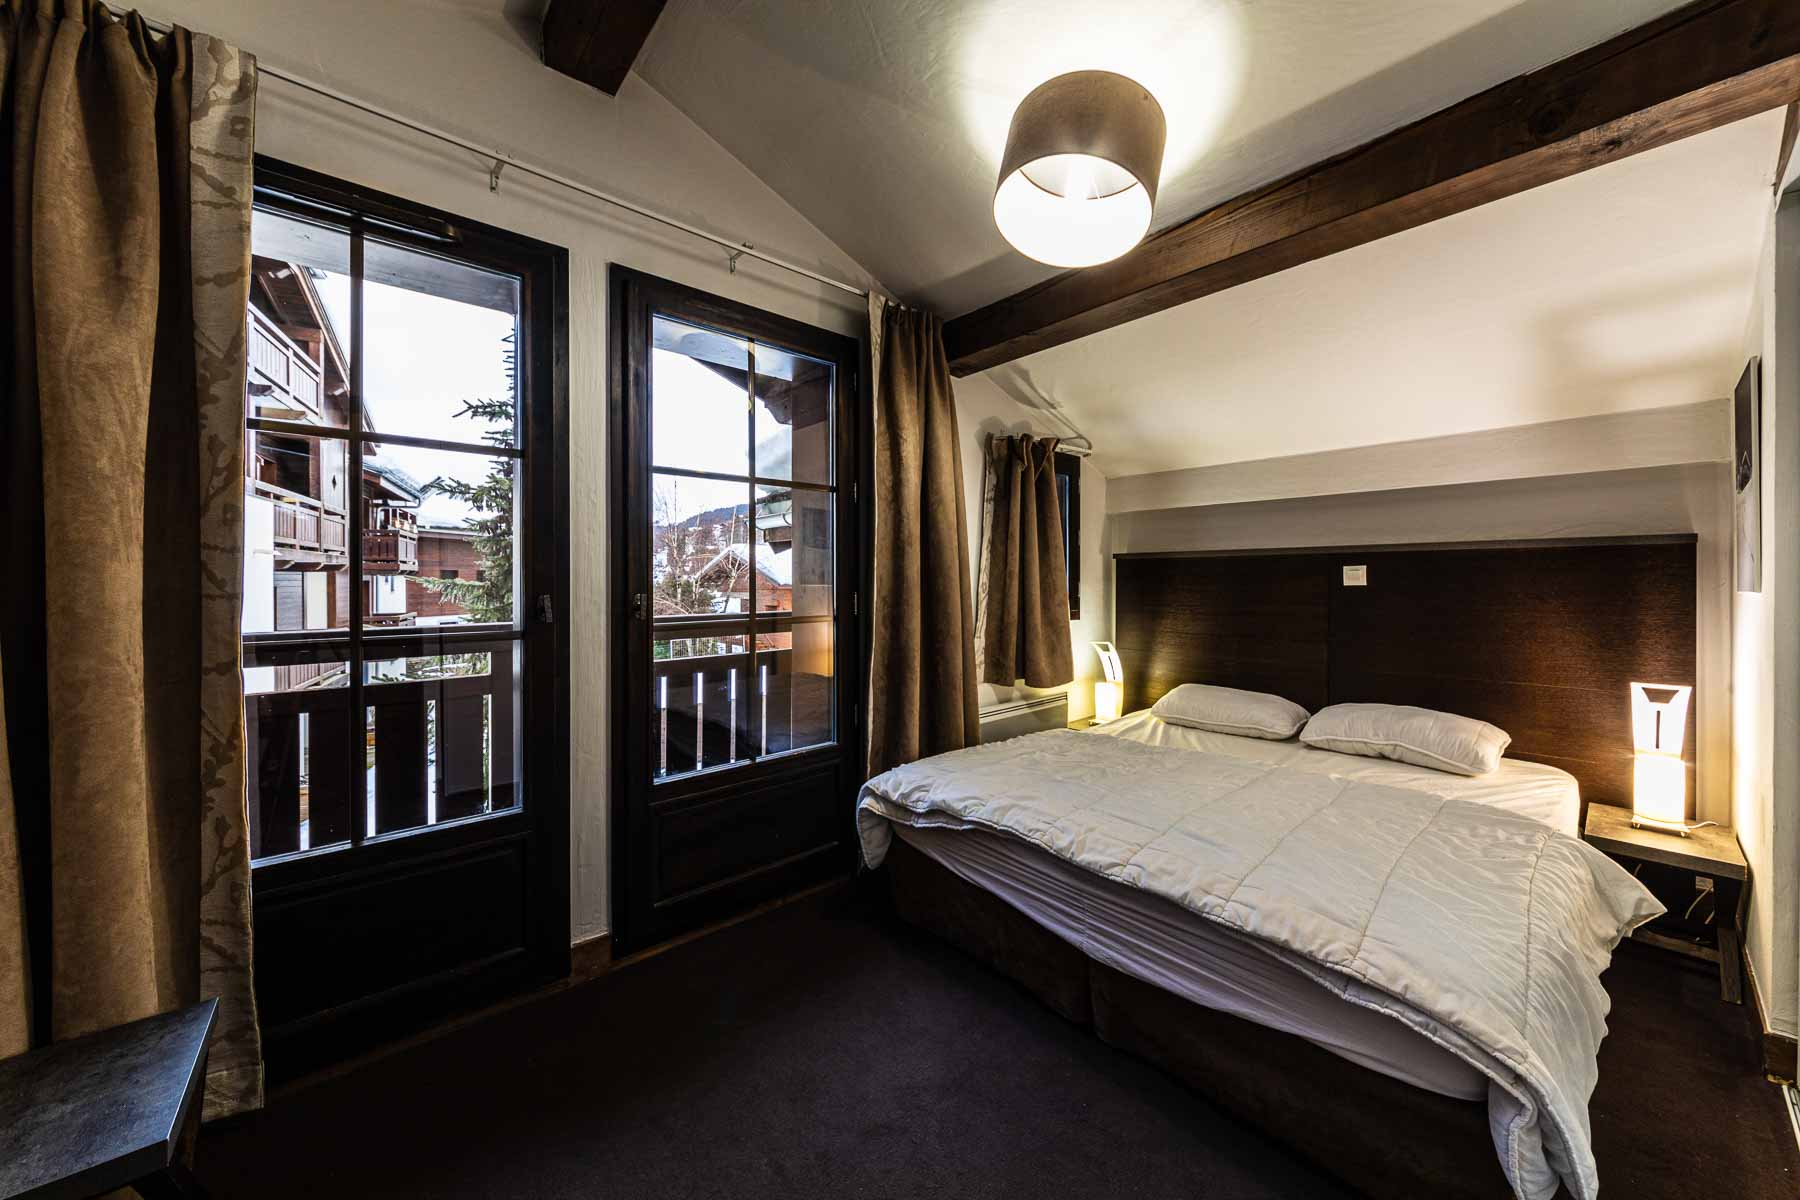 Ferme Emiguy Chalet 6 Master Bedroom